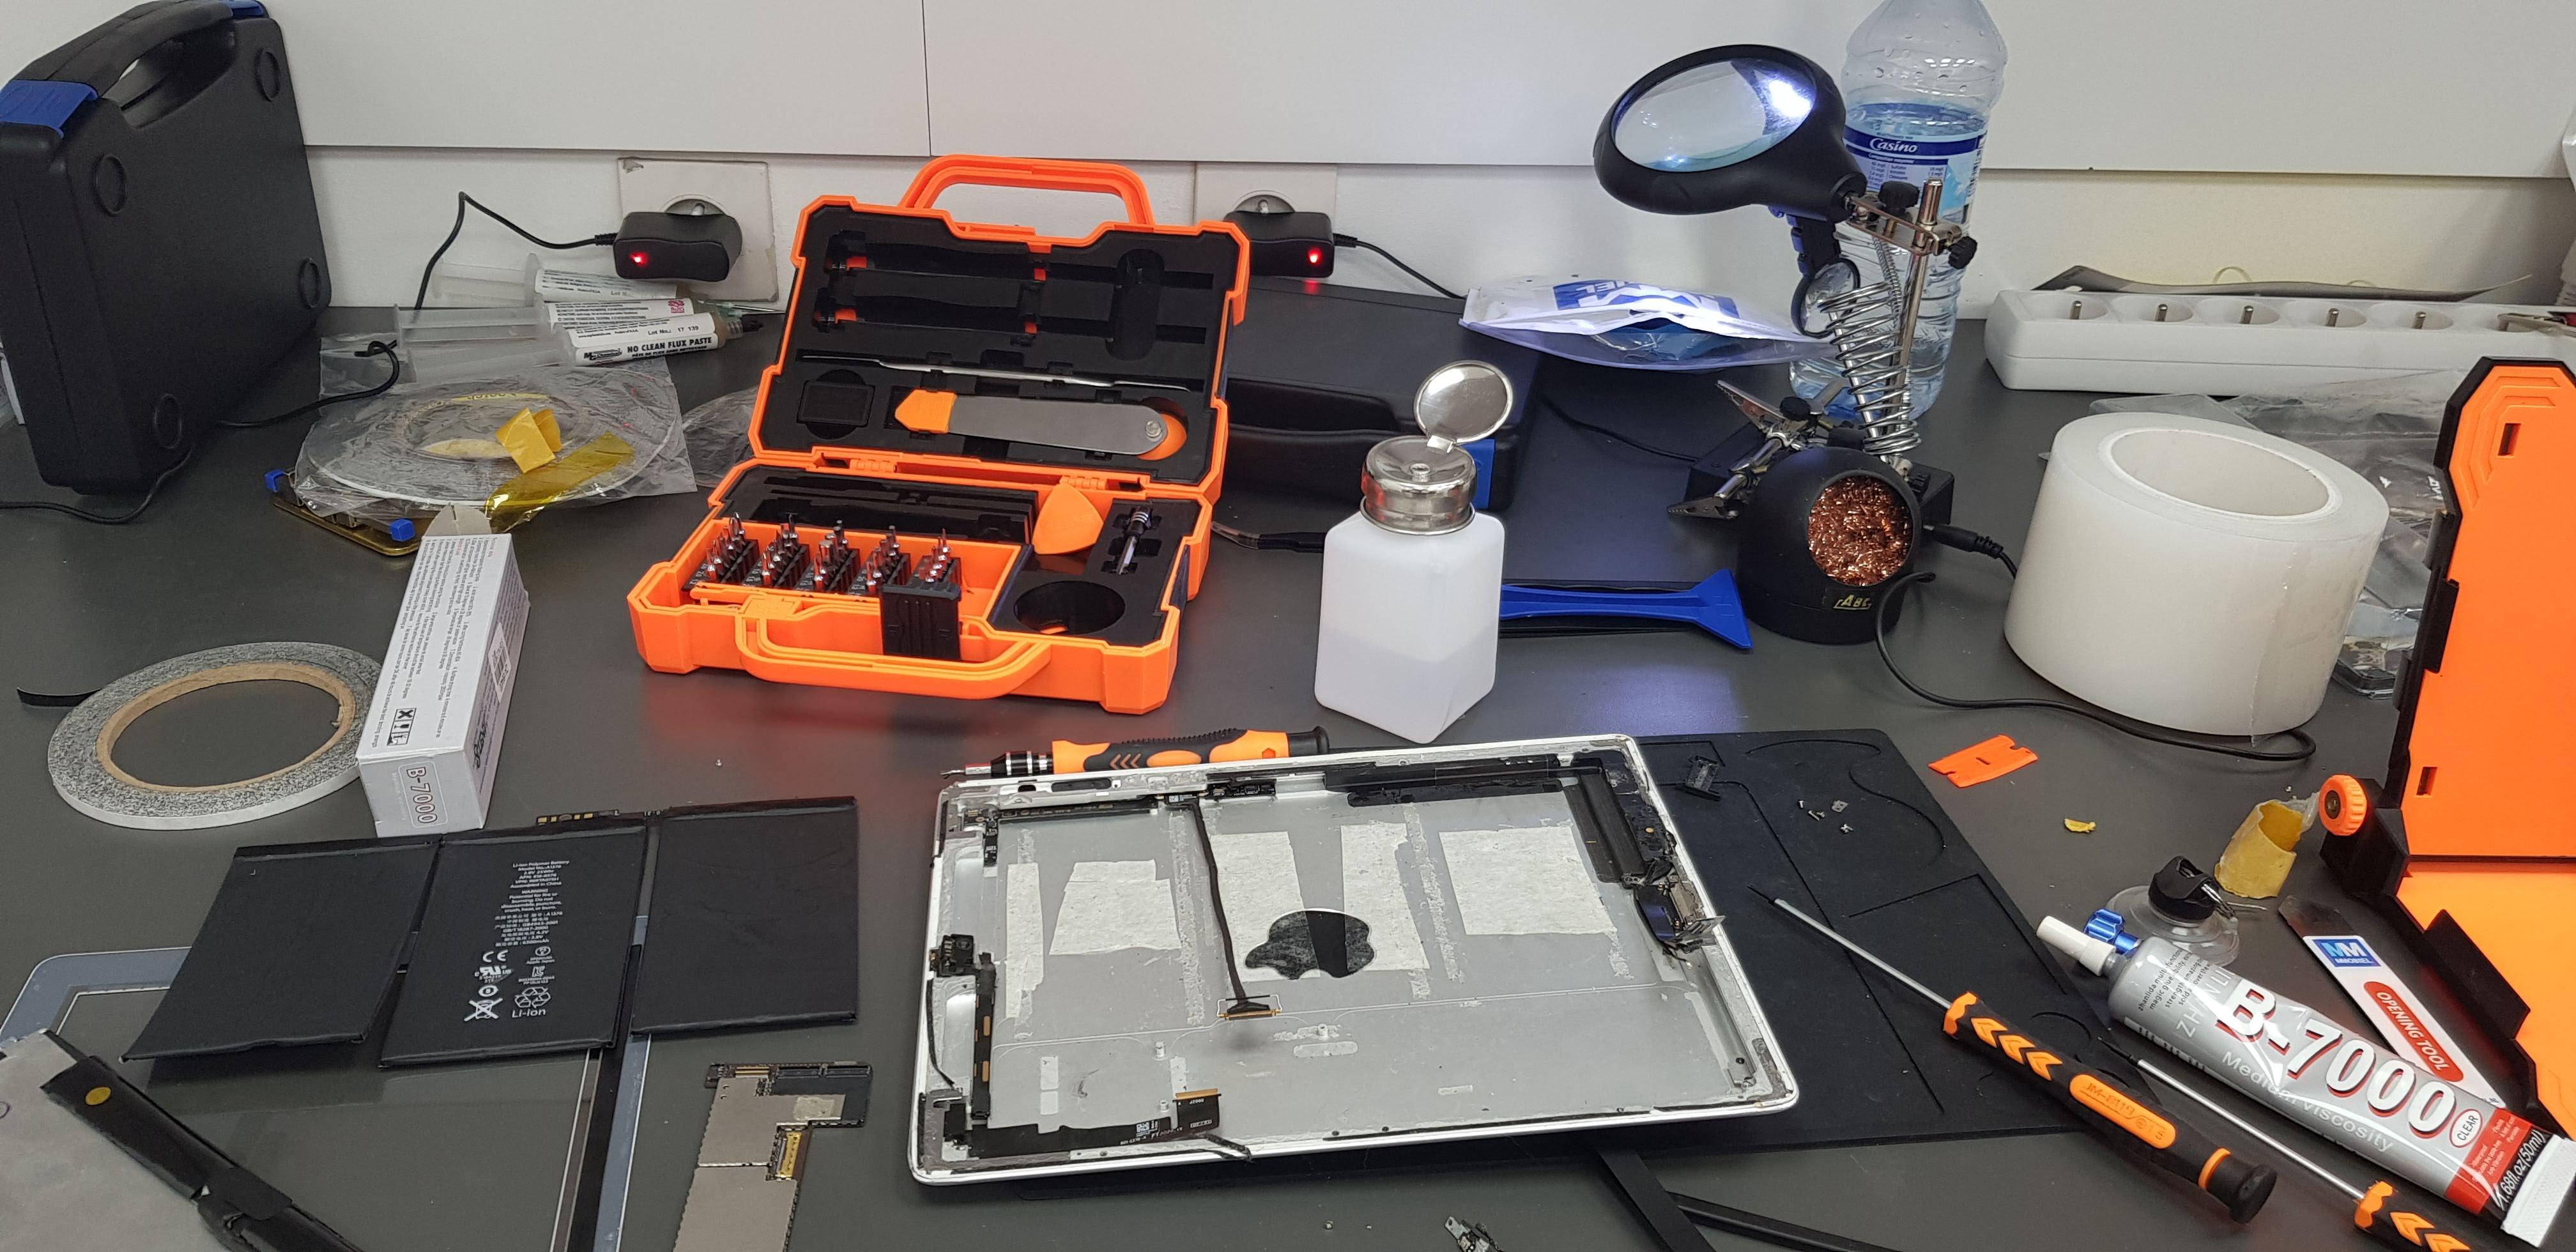 Atelier de remplacement de batterie pour tablette numérique à Nice